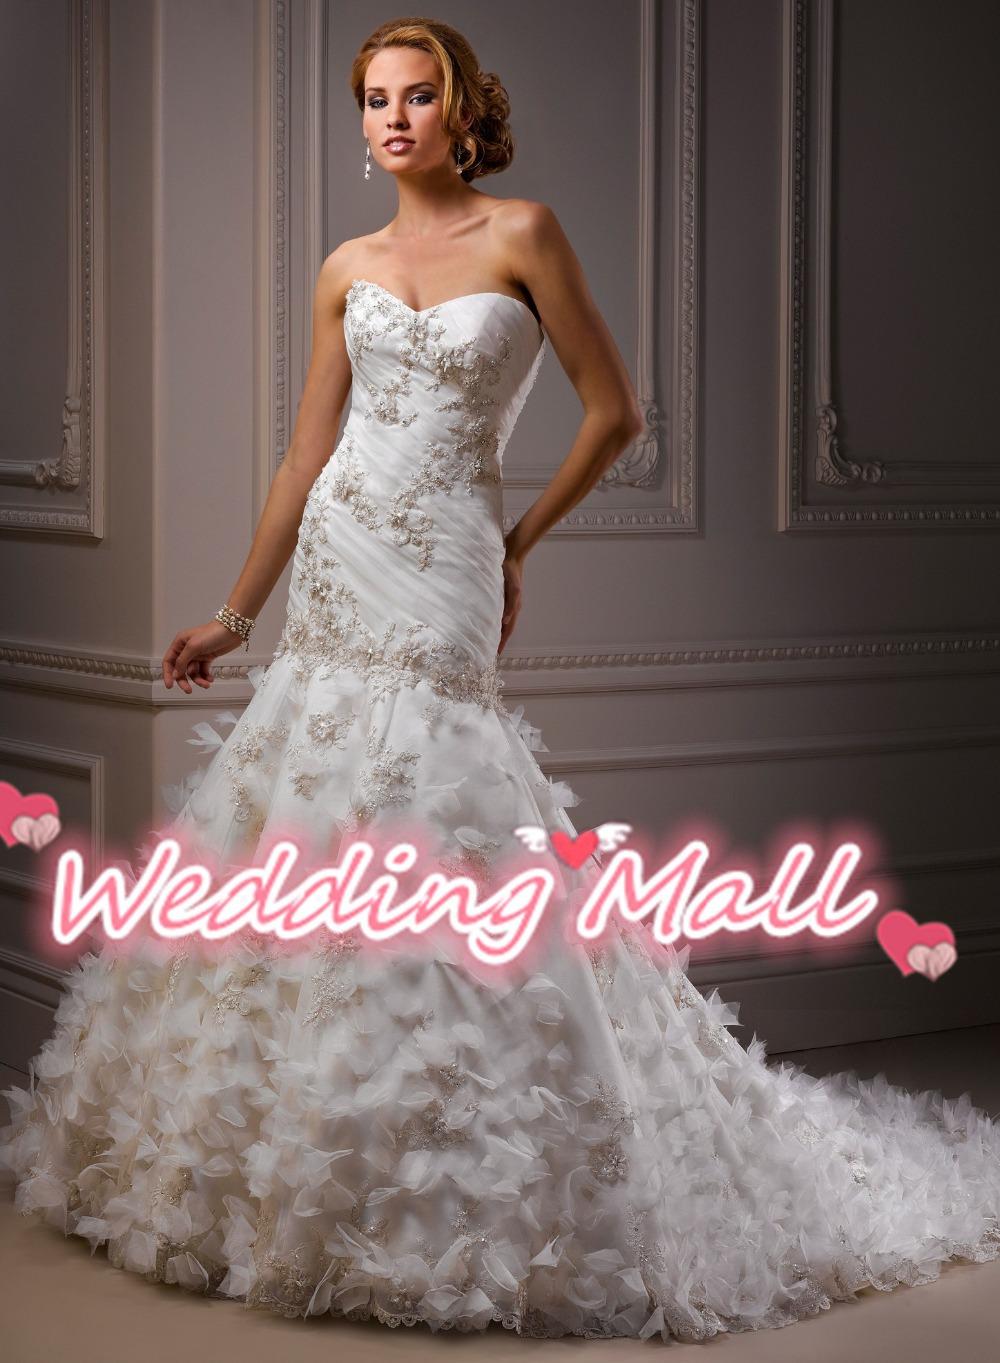 Discount hochzeitskleid luxury pregnant wedding dress for Cheap wedding dresses for pregnant women